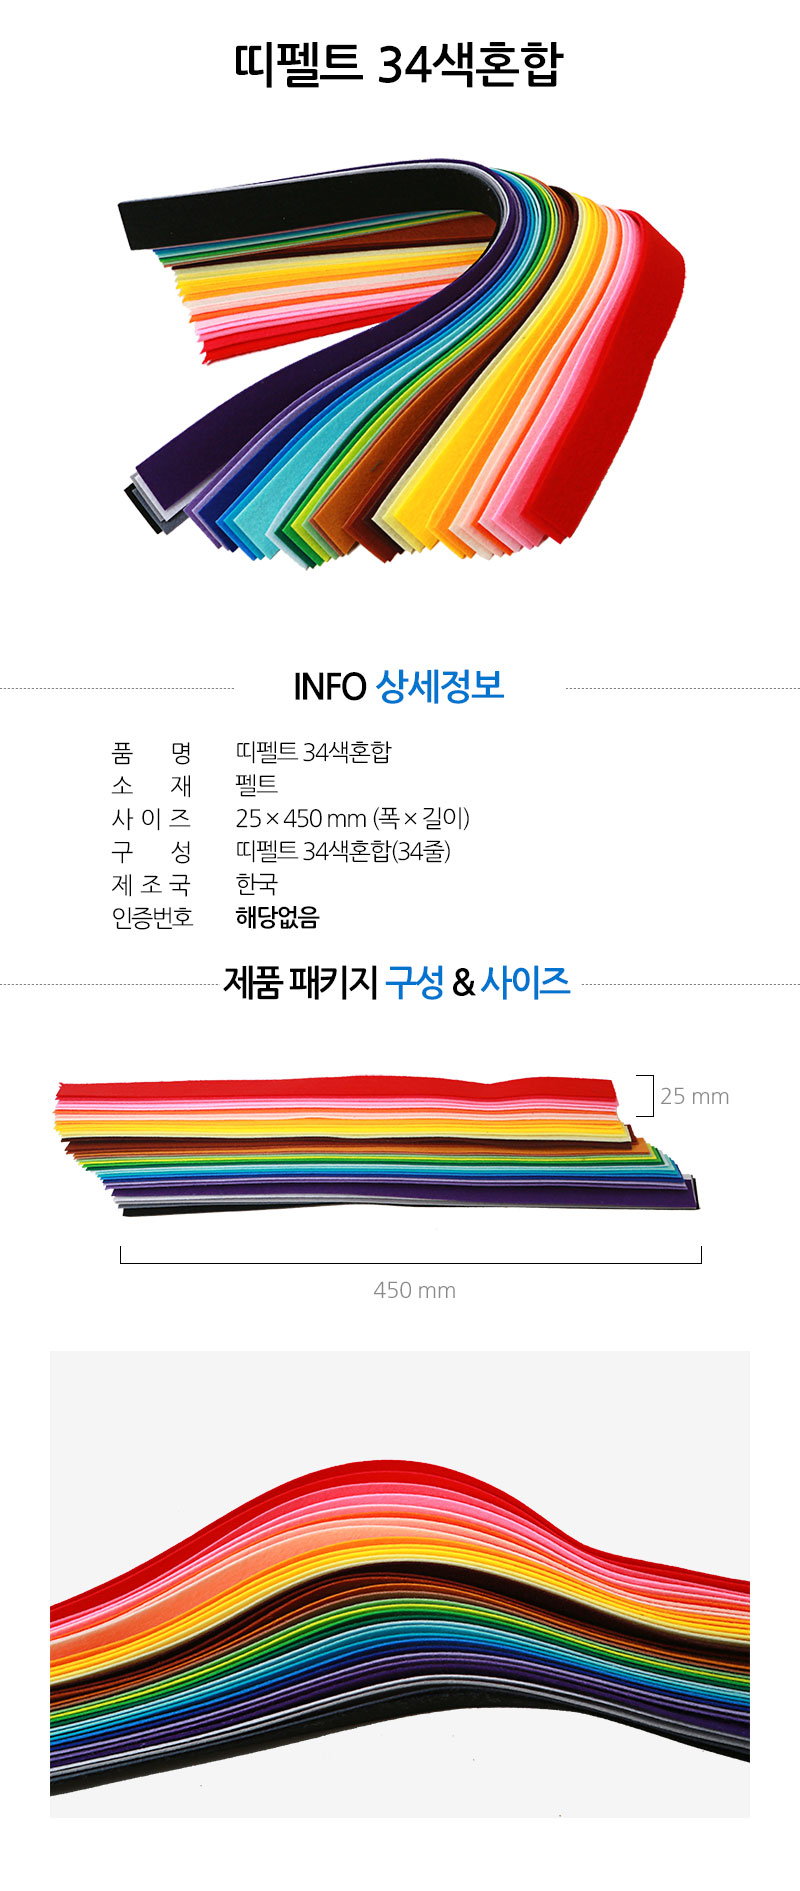 띠펠트 34색혼합 - 킹콩박스, 3,000원, 화방지류, 디자인보드